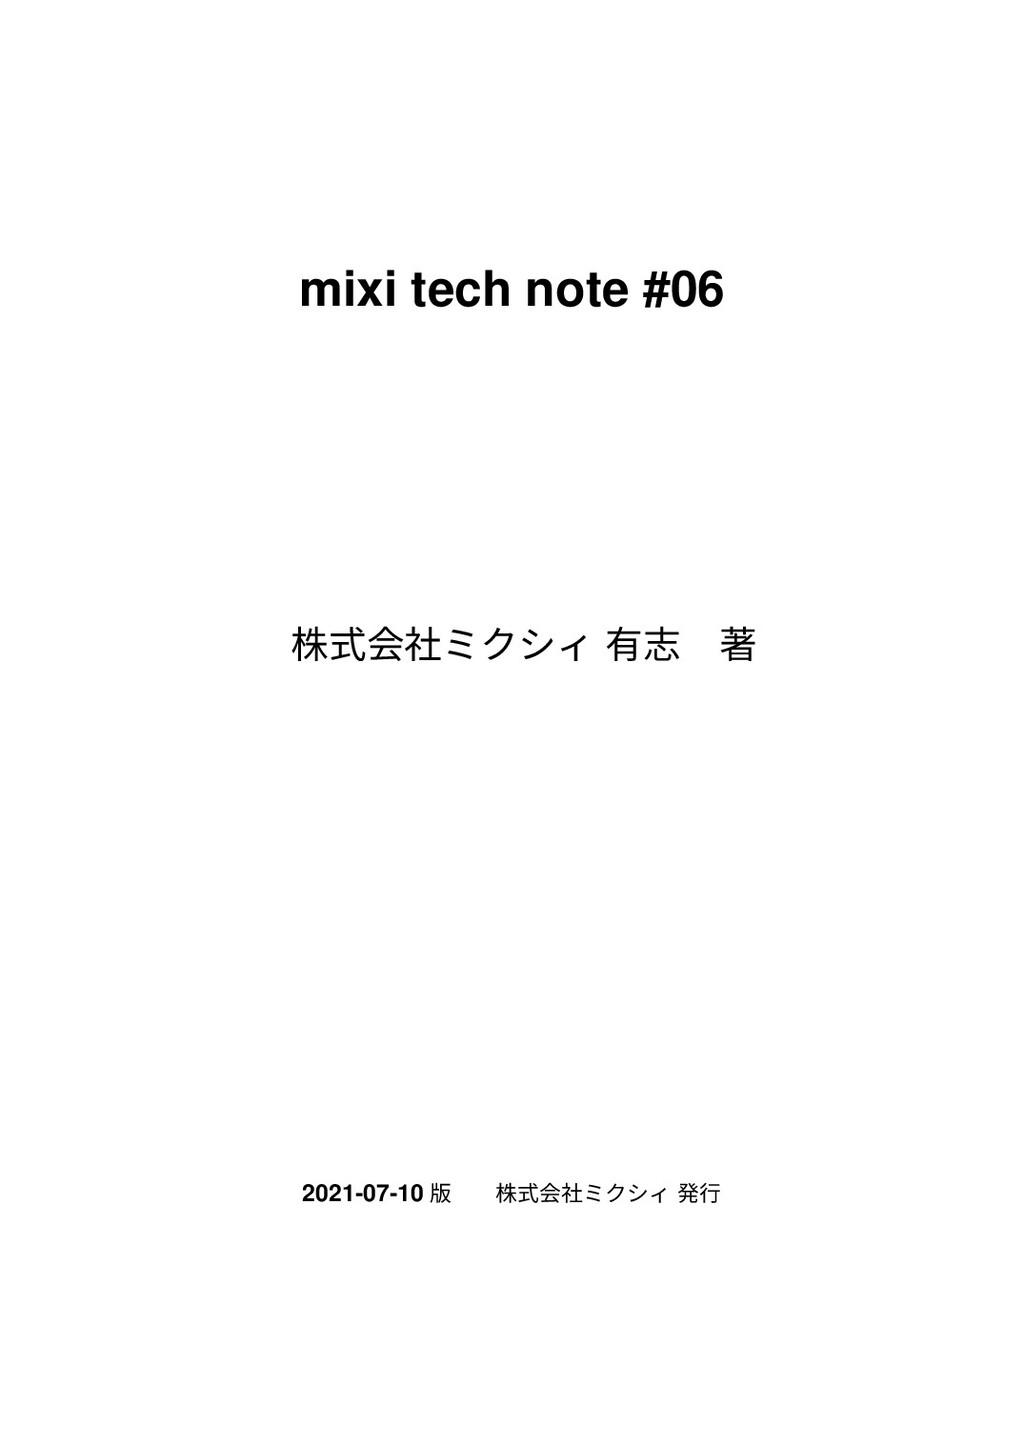 mixi tech note #06 גࣜձࣾϛΫγΟ ༗ࢤɹஶ 2021-07-10 ൛ ג...